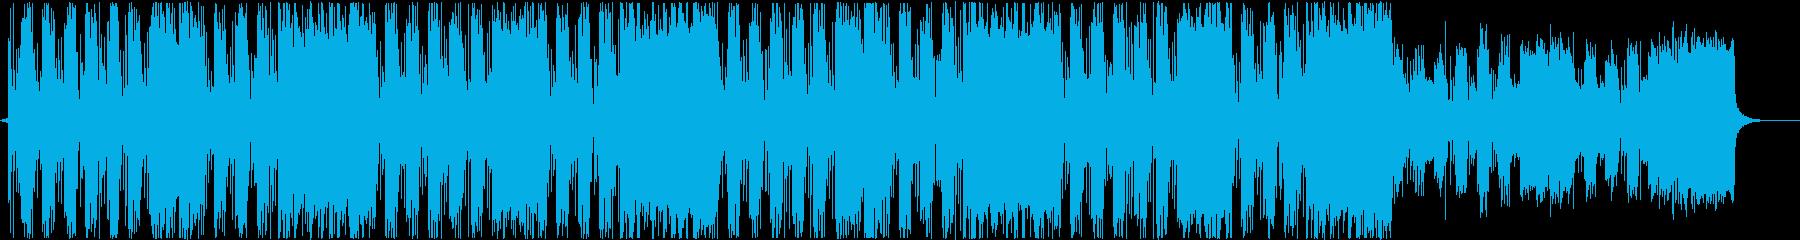 企業VP、CM系EDM 7の再生済みの波形